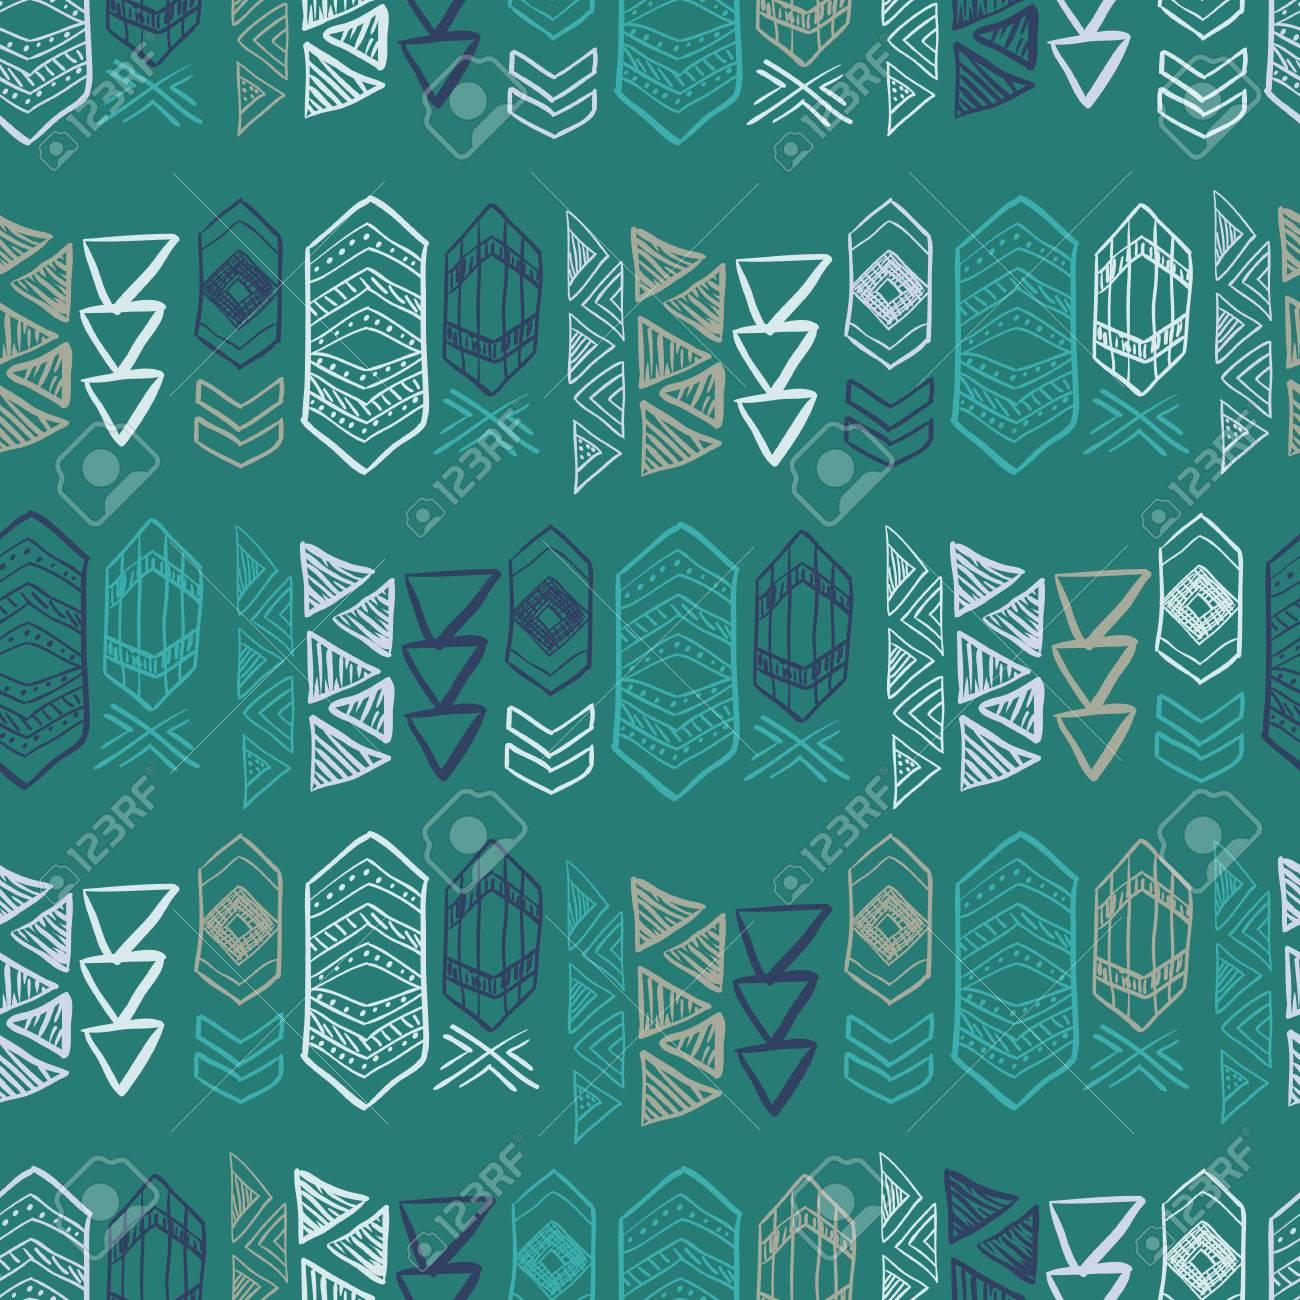 抽象的なアステカのシンボルとネイティブ アメリカンのシームレスなパターン テキスタイル 壁紙 カードの装飾の色手描き落書きのベクトルの背景のイラスト素材 ベクタ Image